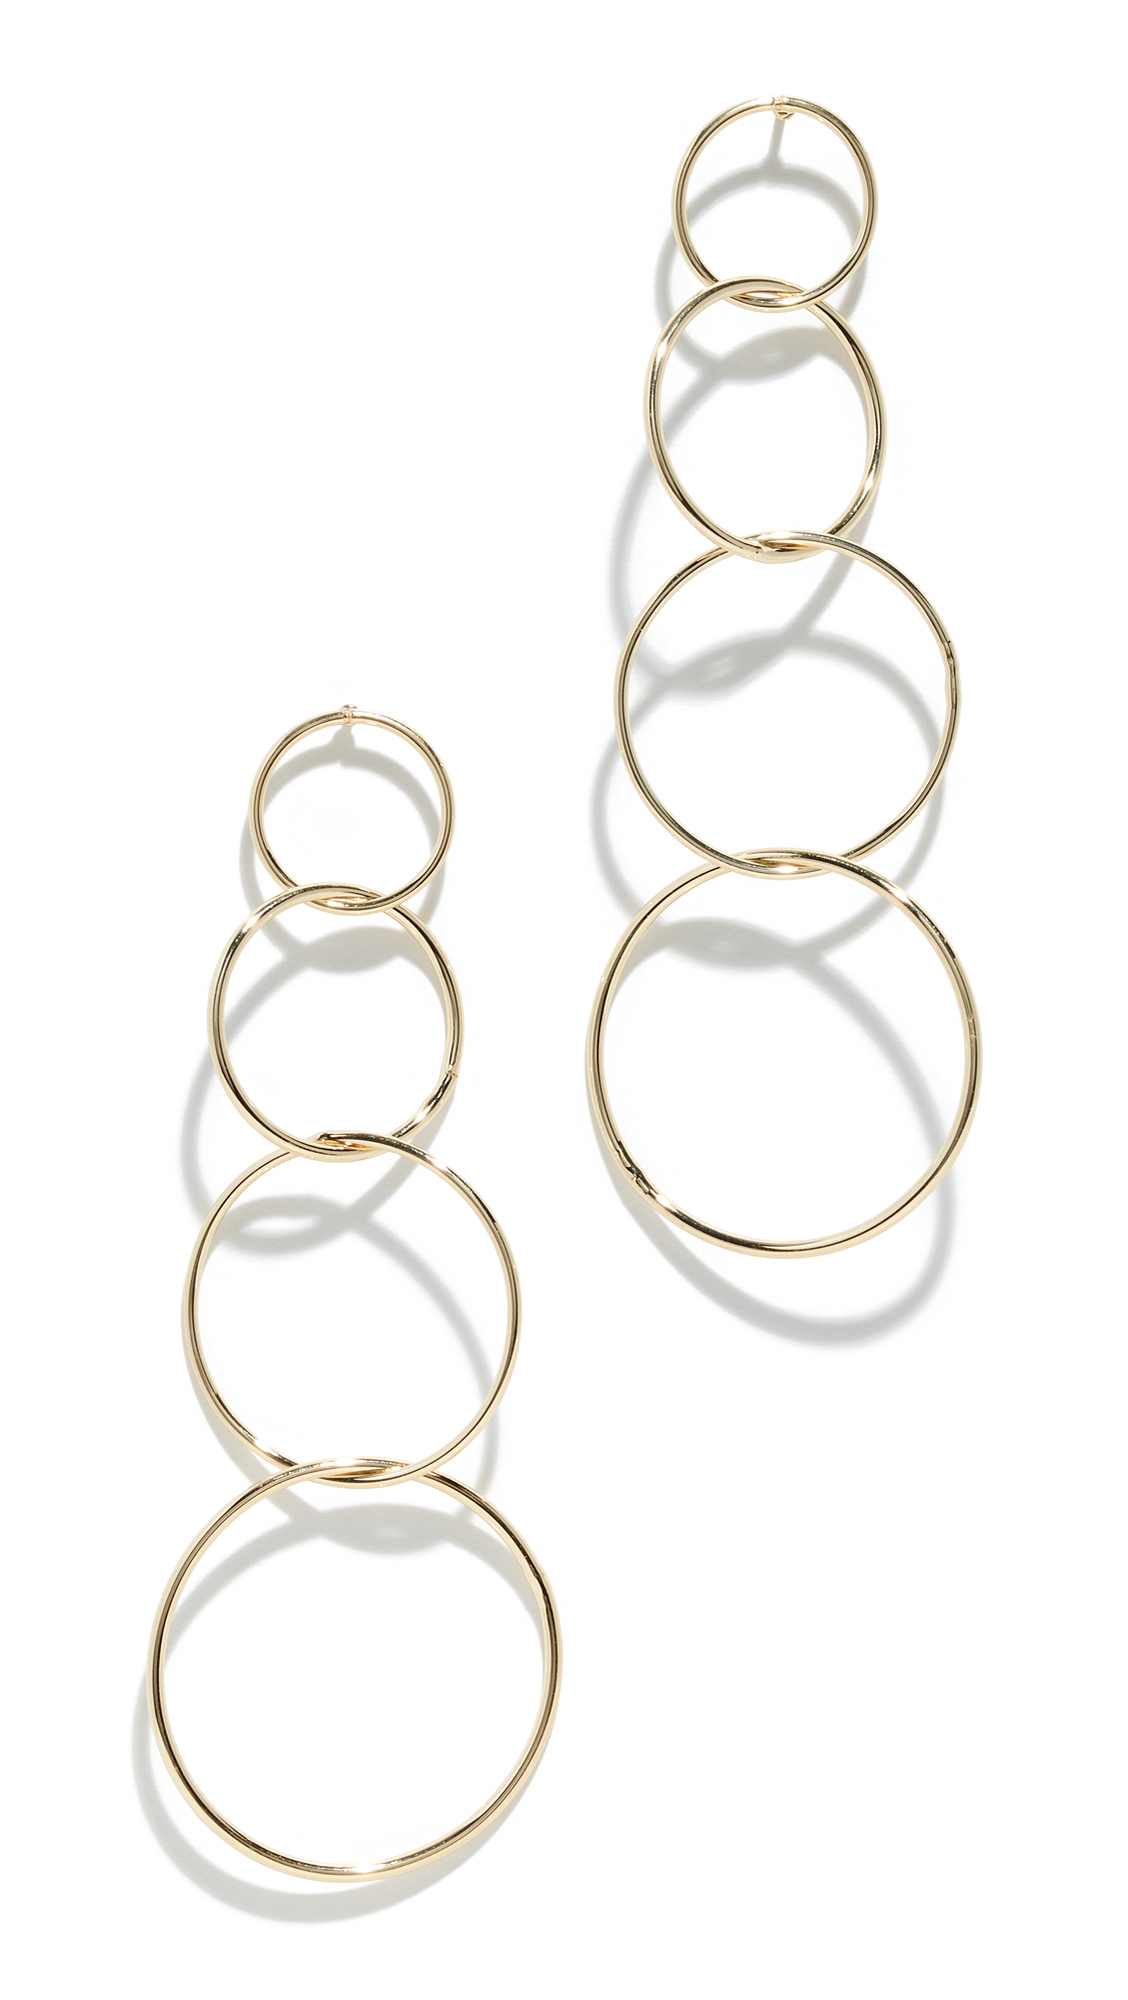 JULES SMITH Quatro Hoop Earrings in Gold